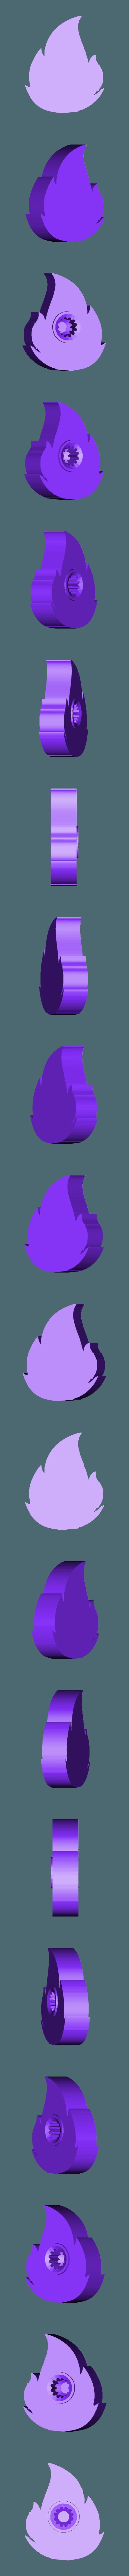 Hot_handle_v1.stl Télécharger fichier STL gratuit Boutons de douche chaude et froide bilingues Pingouin et poignée de feu pourraient être utilisés pour un évier • Design à imprimer en 3D, Mrdwgraf